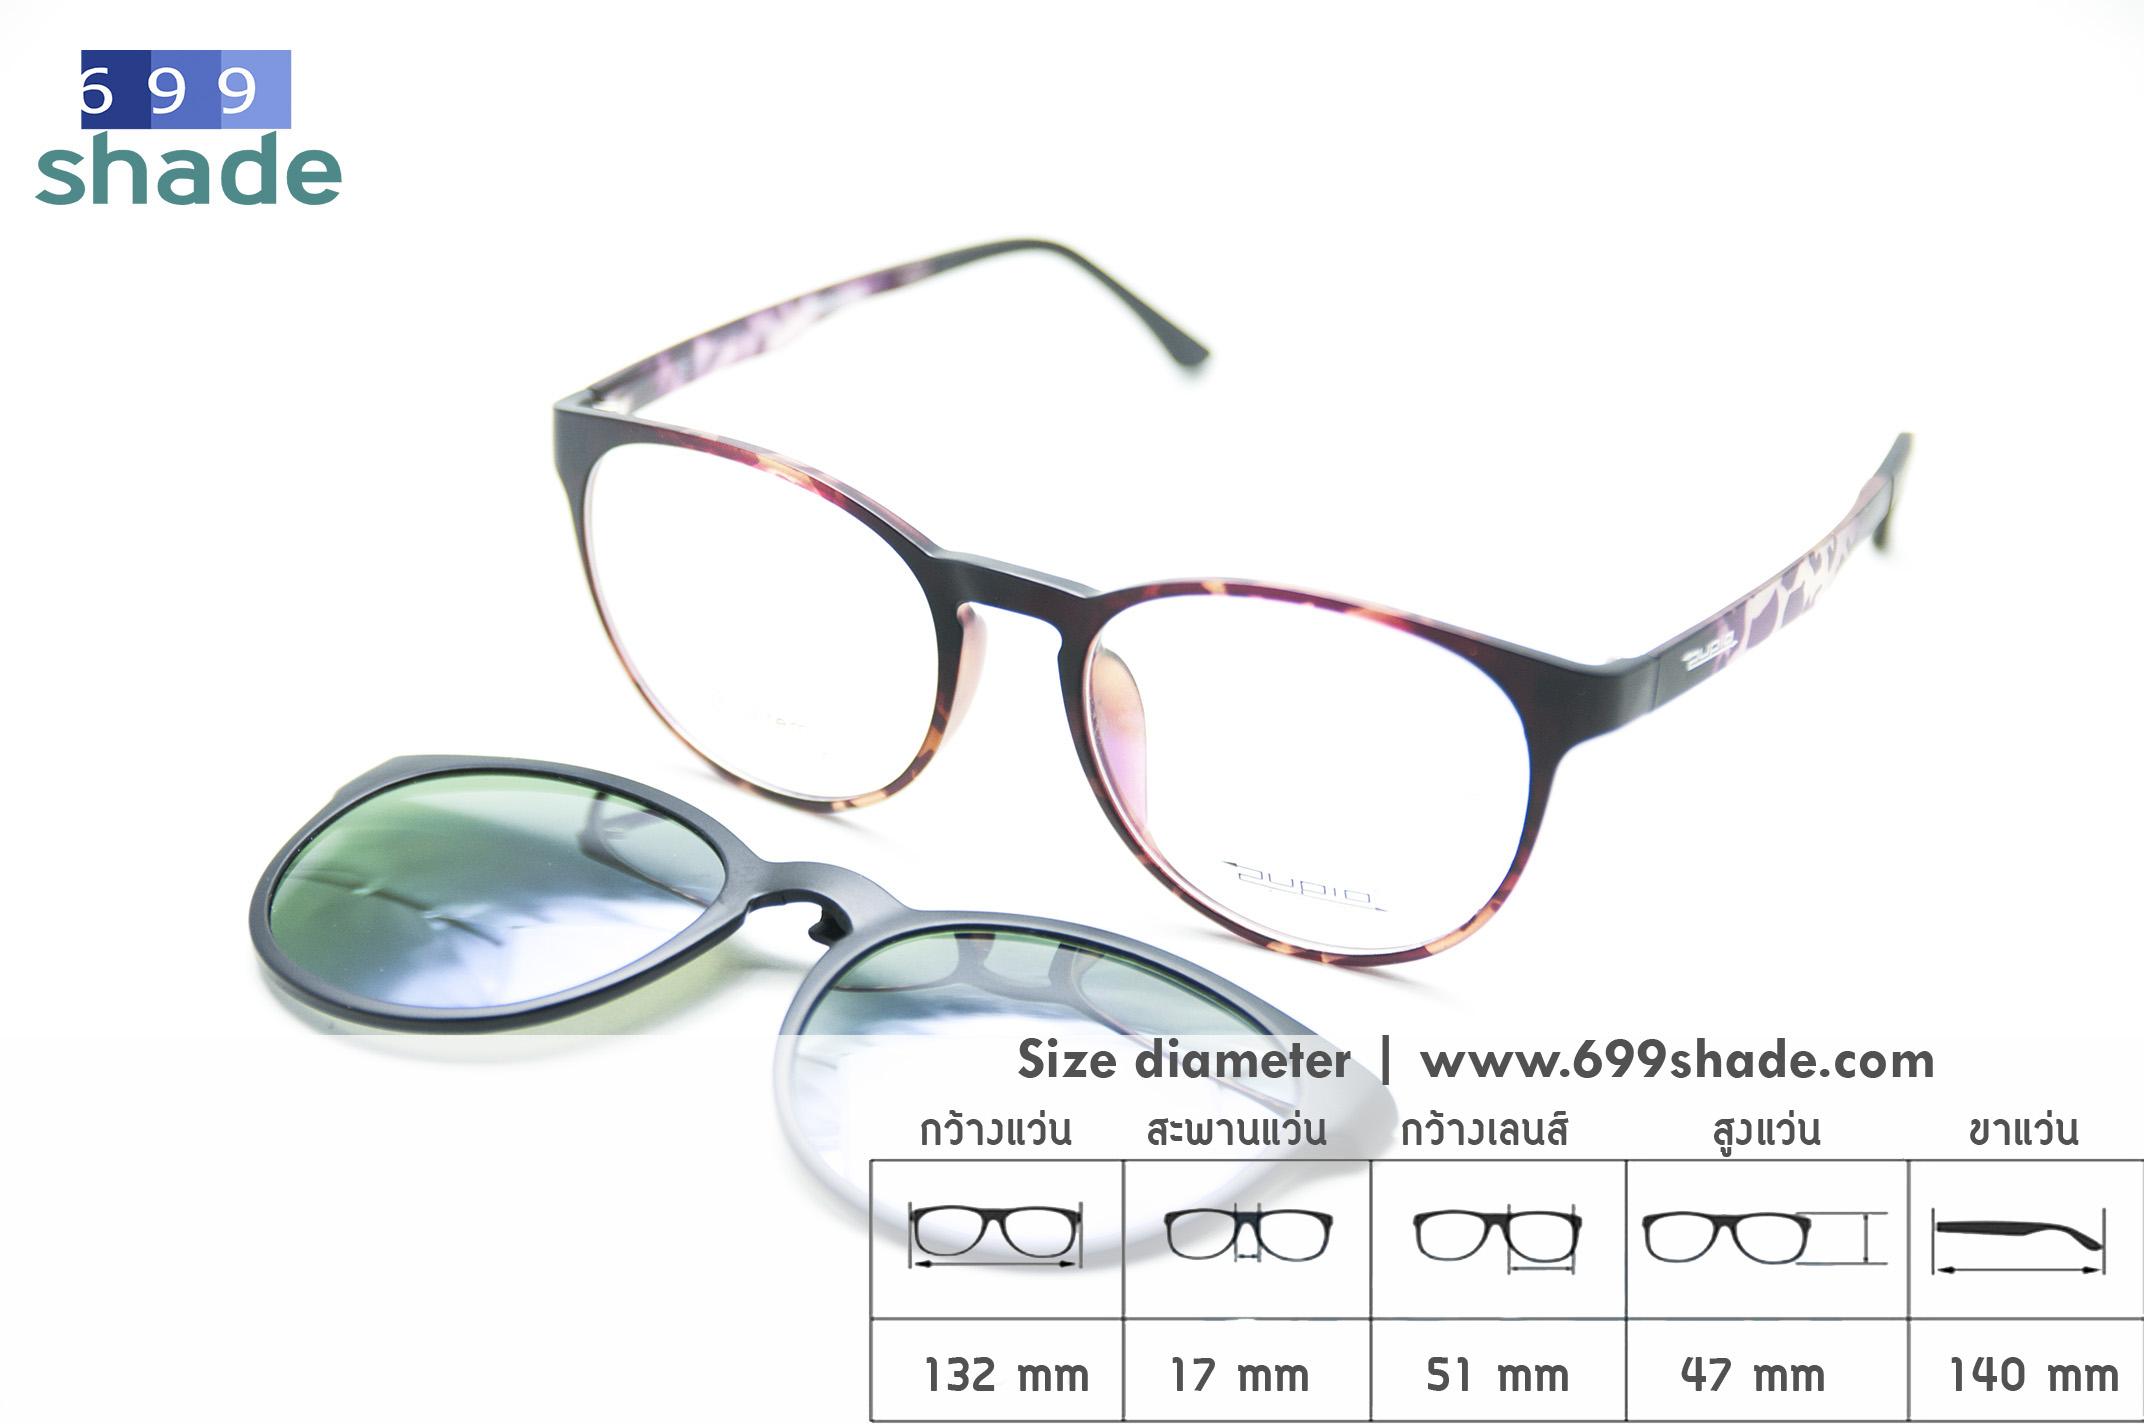 Zupio 1005 กระ/คลิปออนปรอทม่วง แว่นคลิปออนแม่เหล็ก